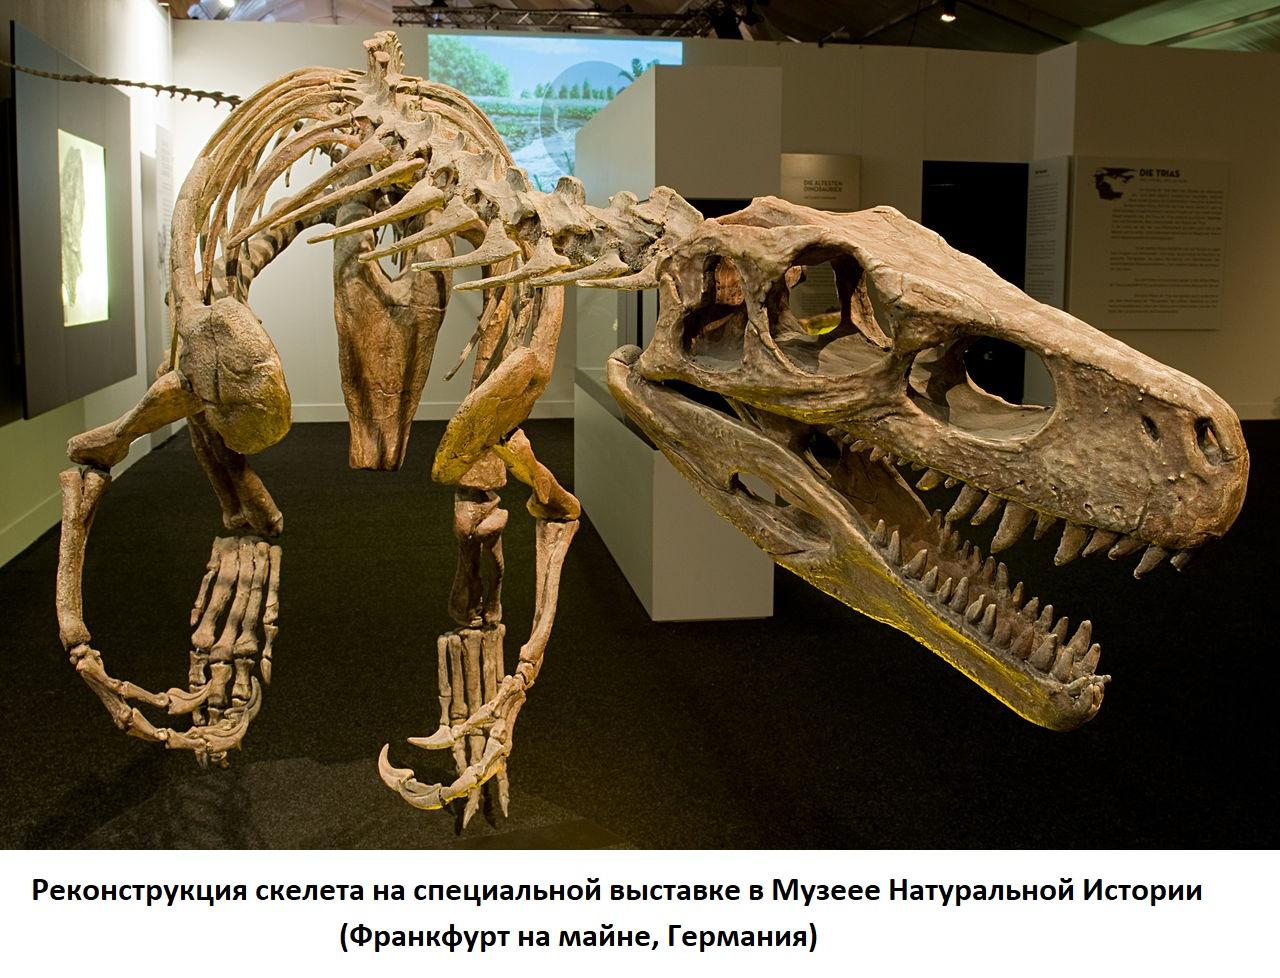 Реконструкция скелета герреразавра в музее натуральной истории